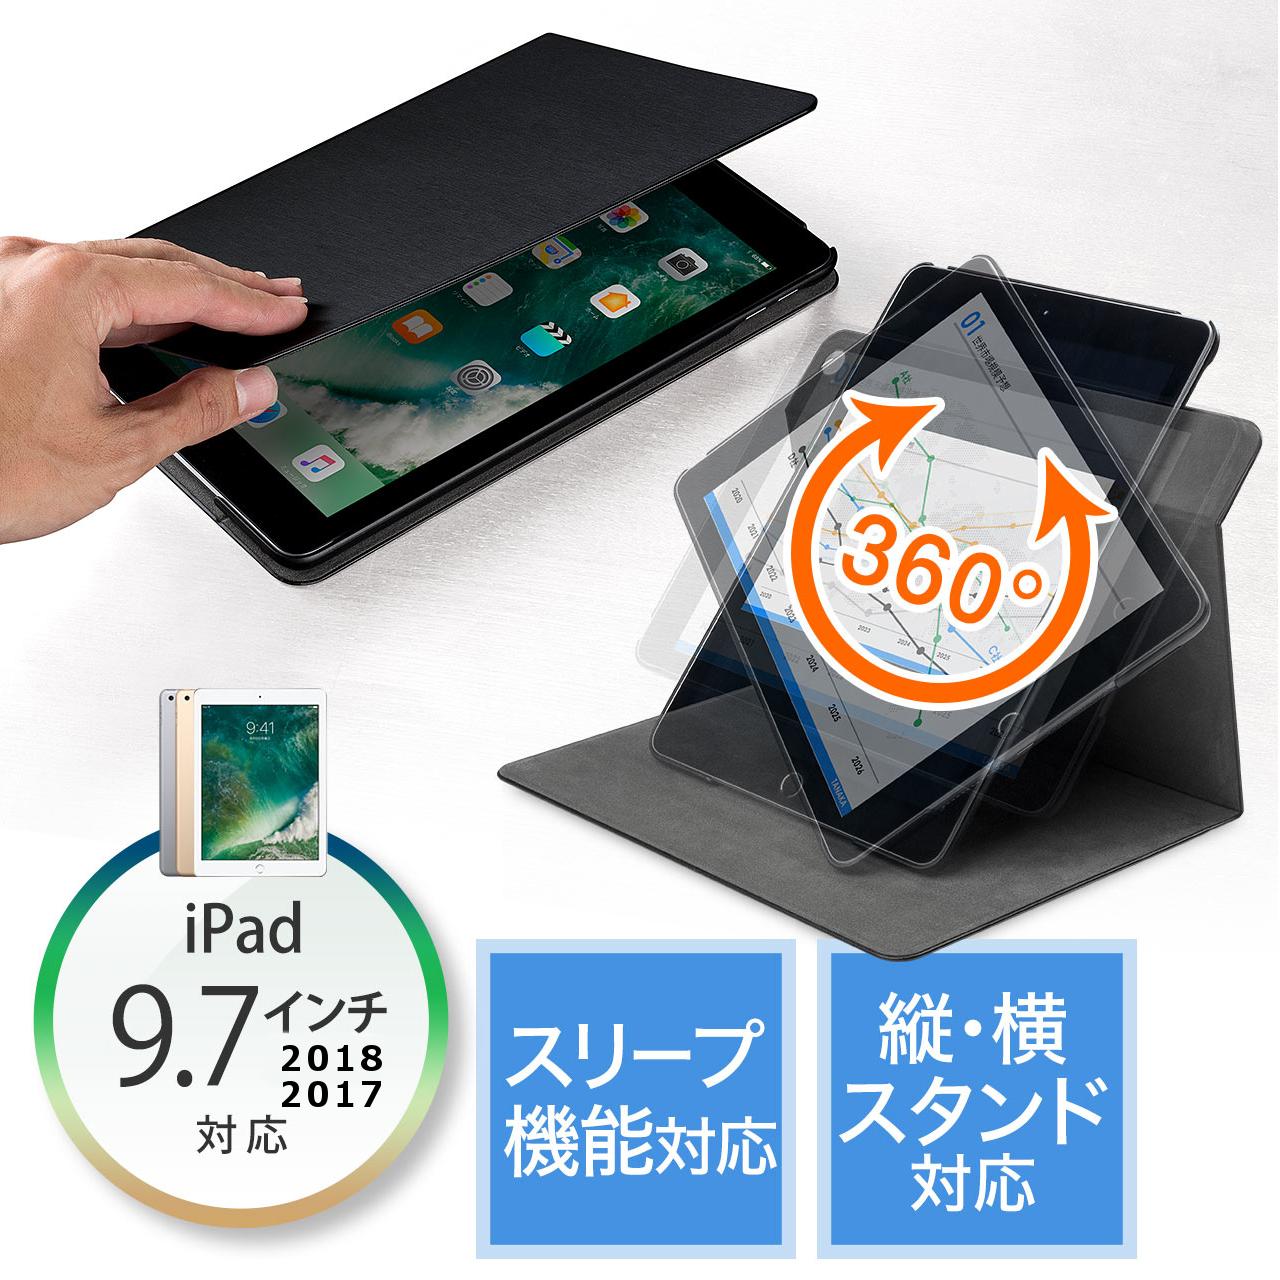 fa7f8e2e5062 iPad 9.7インチ2018/2017専用ケース(360度回転スタンド・スリープ機能.